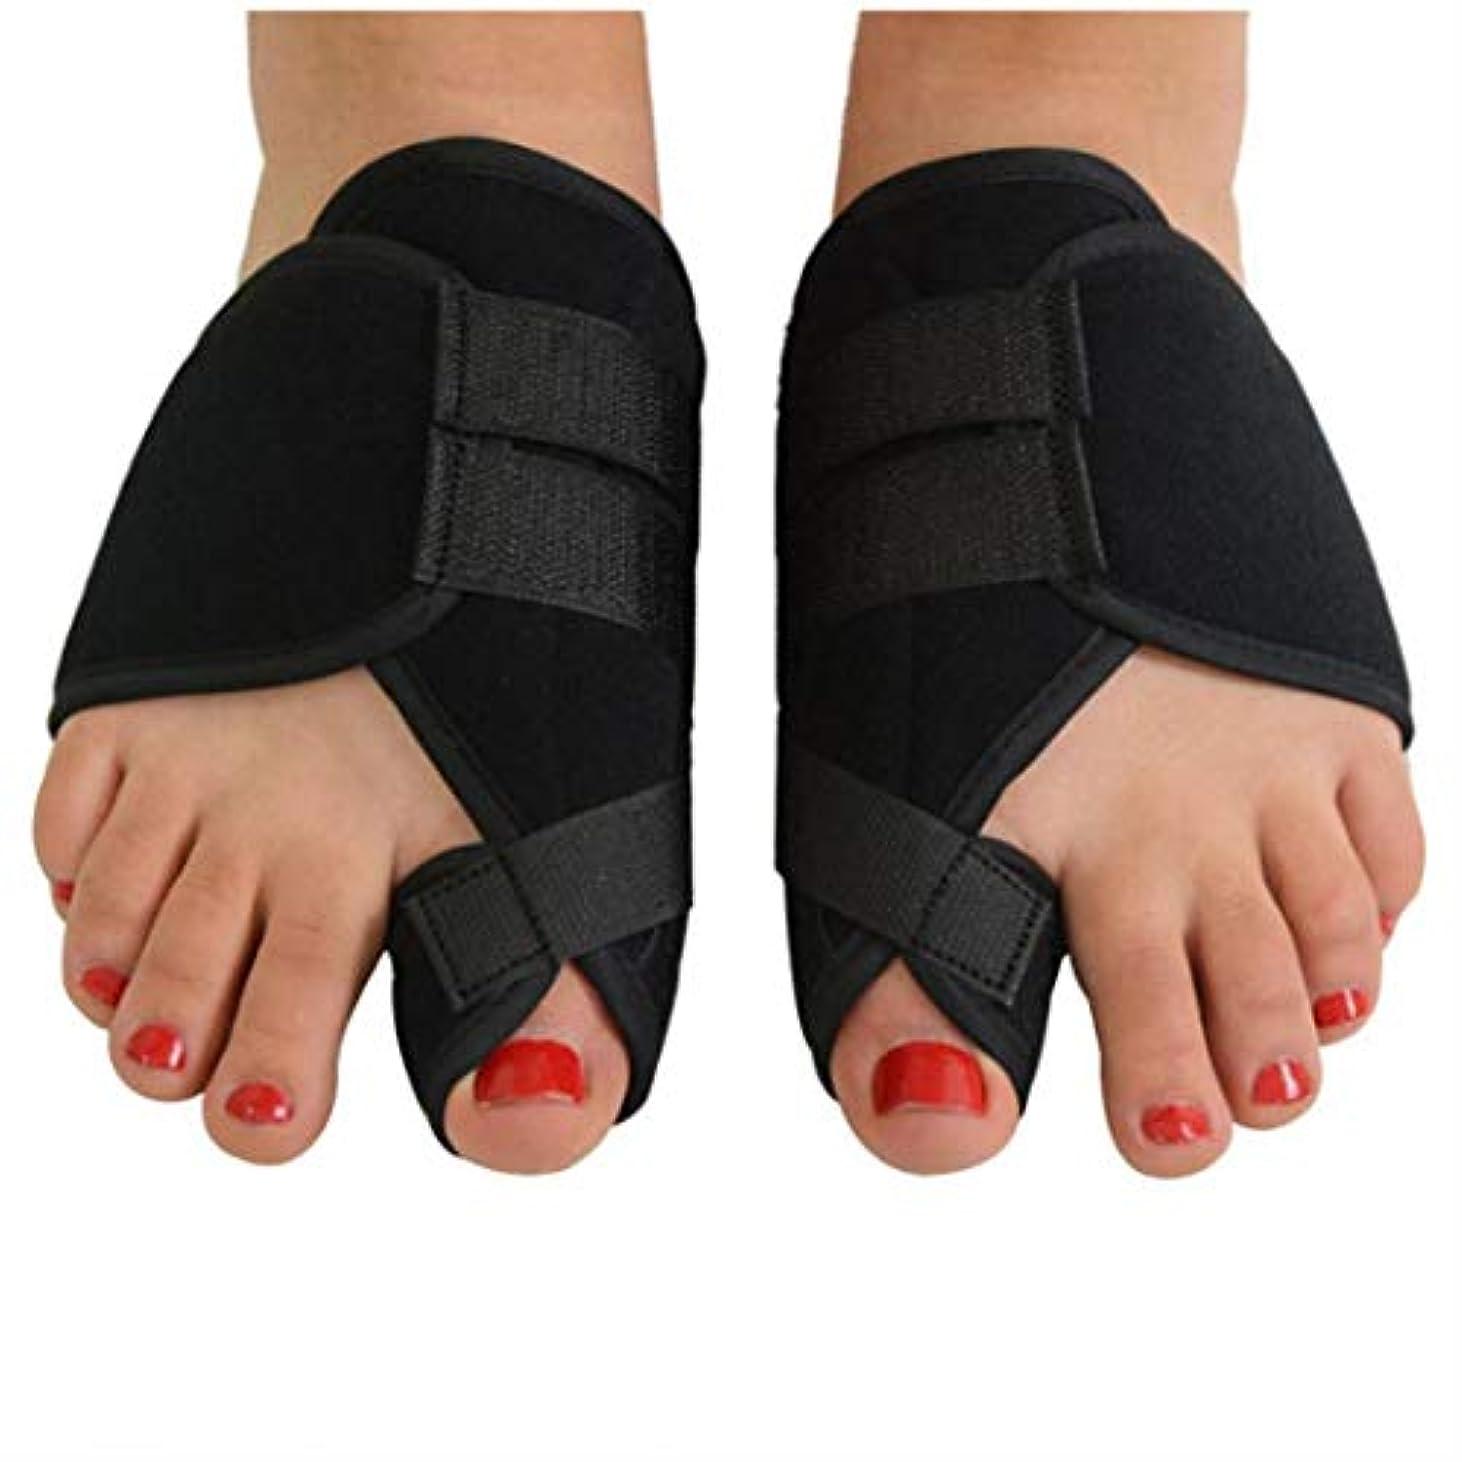 包帯帰る公然とバニオンコレクターおよびバニオンリリーフ整形外科用ビッグトゥストレートナーは、外反母趾を治療し、予防する(ワンサイズ)